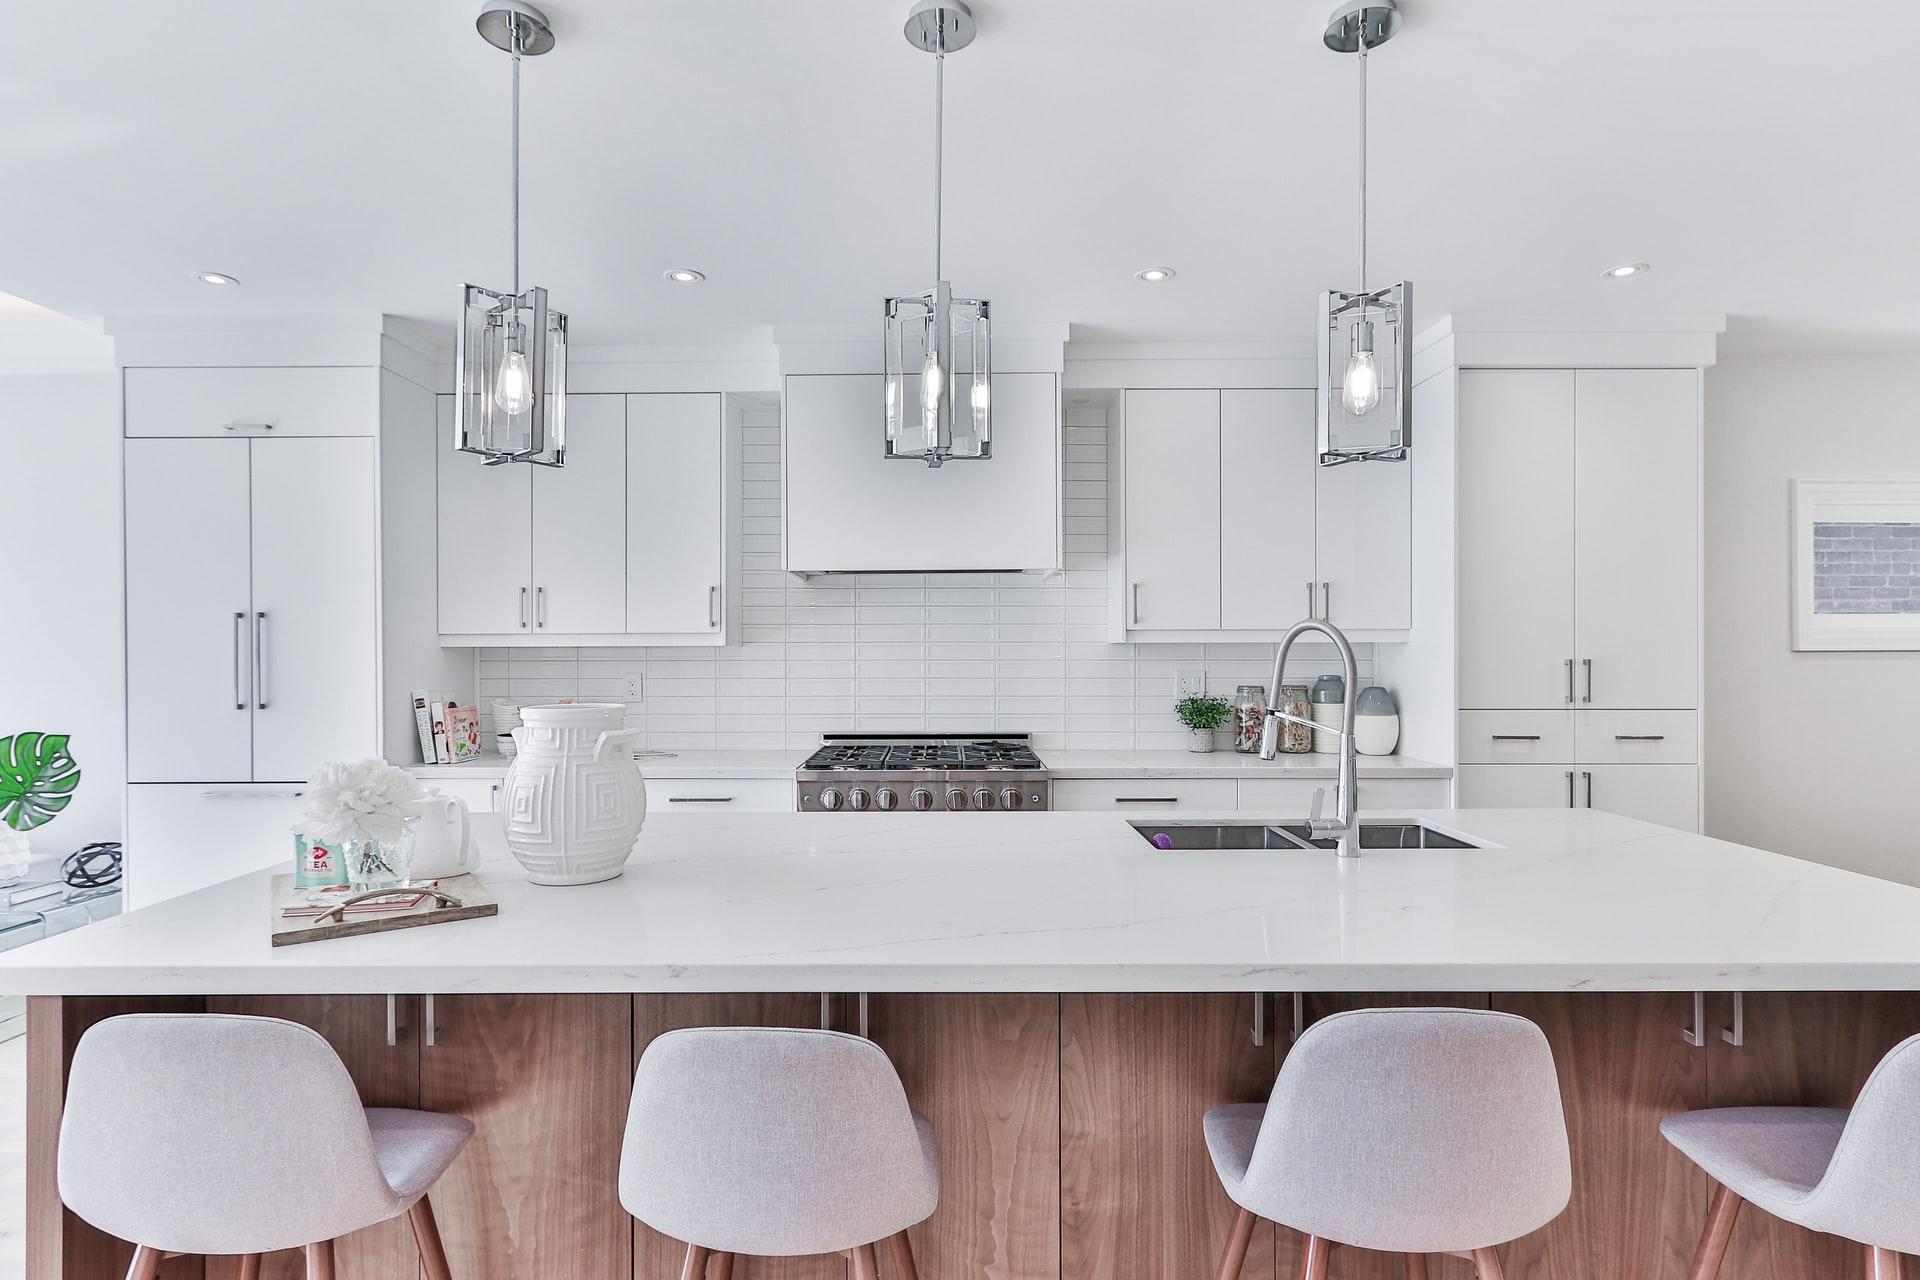 Na foto uma cozinha com armários brancos e uma ilha com três pendentes sobre a ilha.